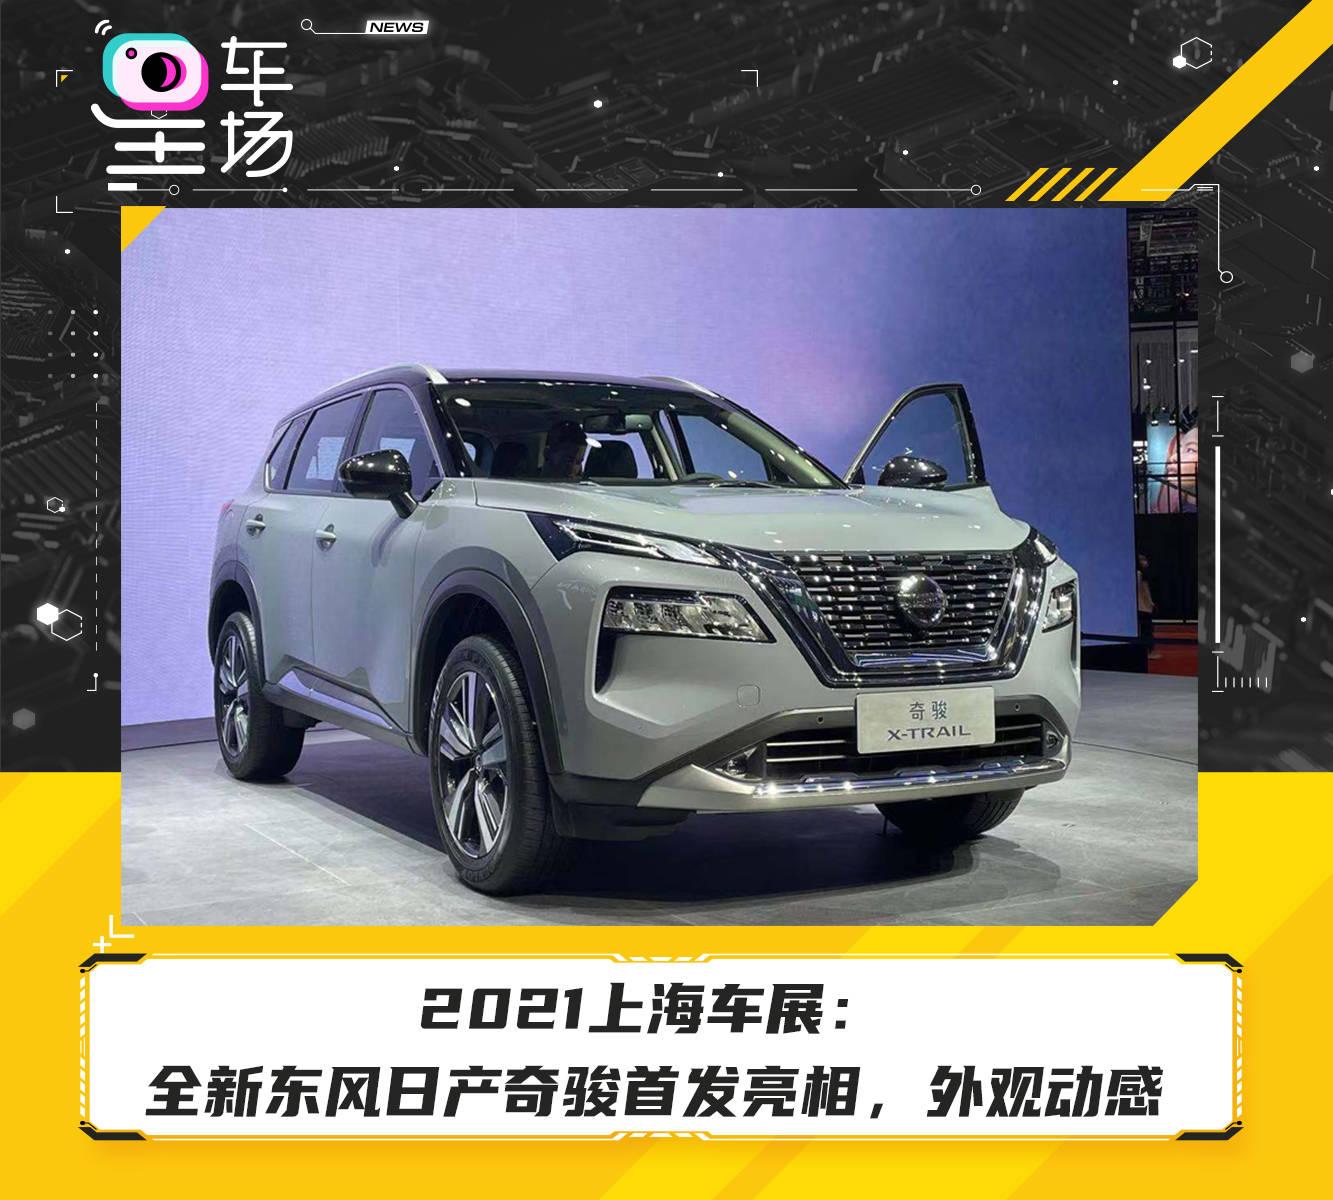 2021上海车展:全新东风日产奇骏首发亮相,外观动感时尚